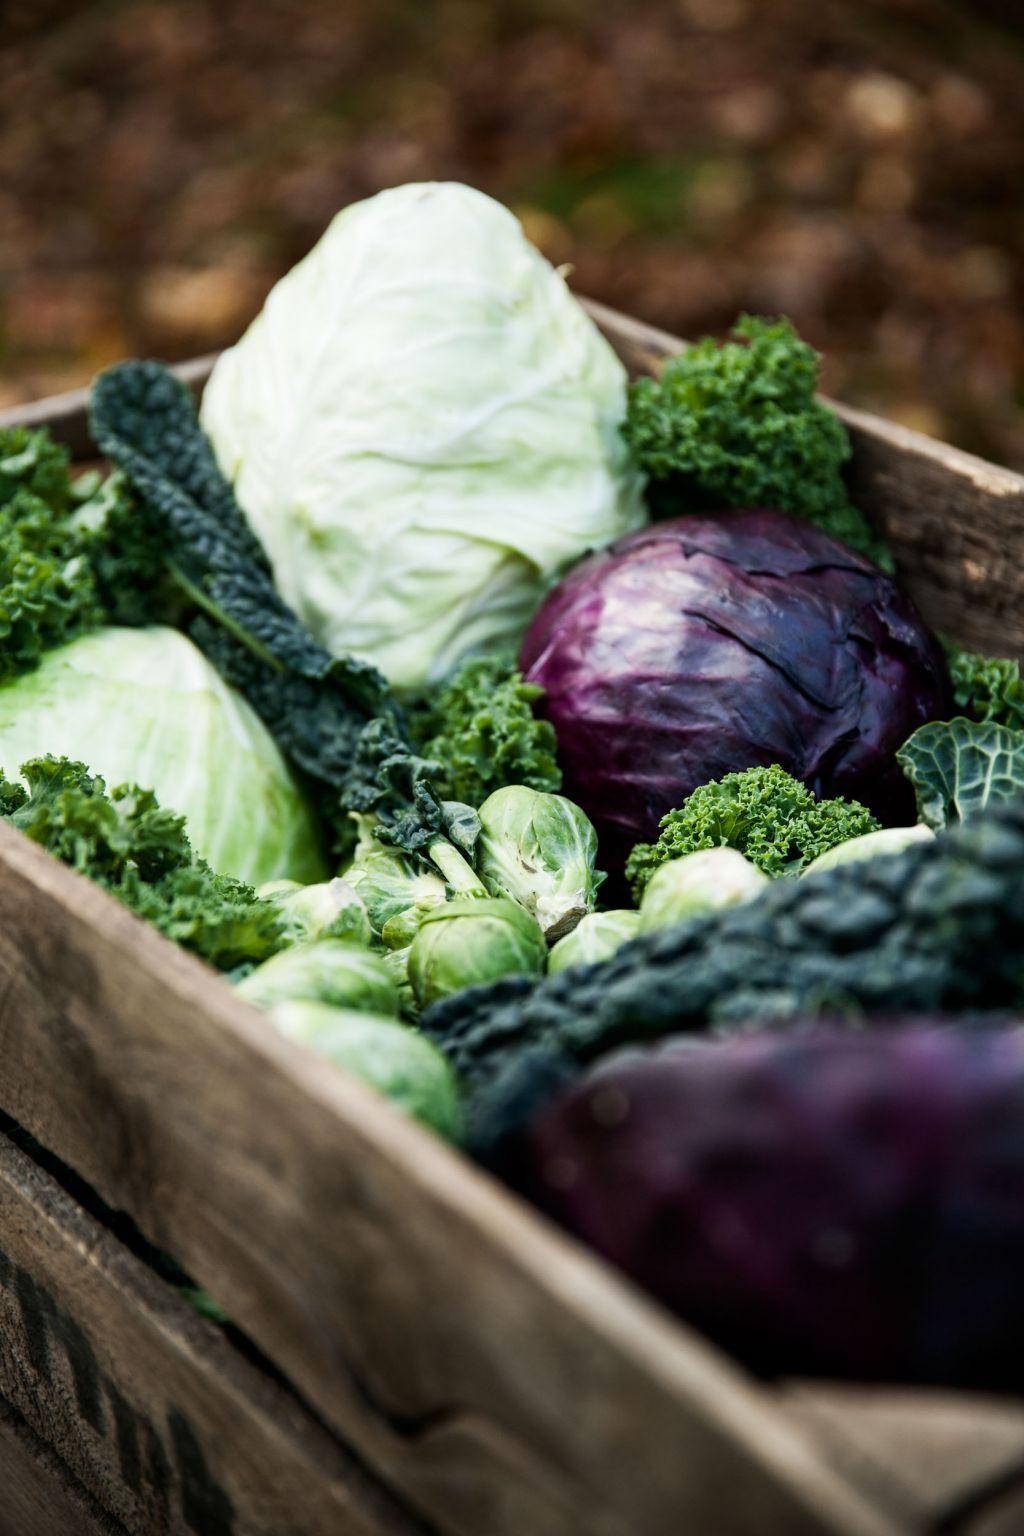 En gammal sliten trålåda fylld med grönsaker - vitkål, rödkål, svartkål, brysselkål, grönkål